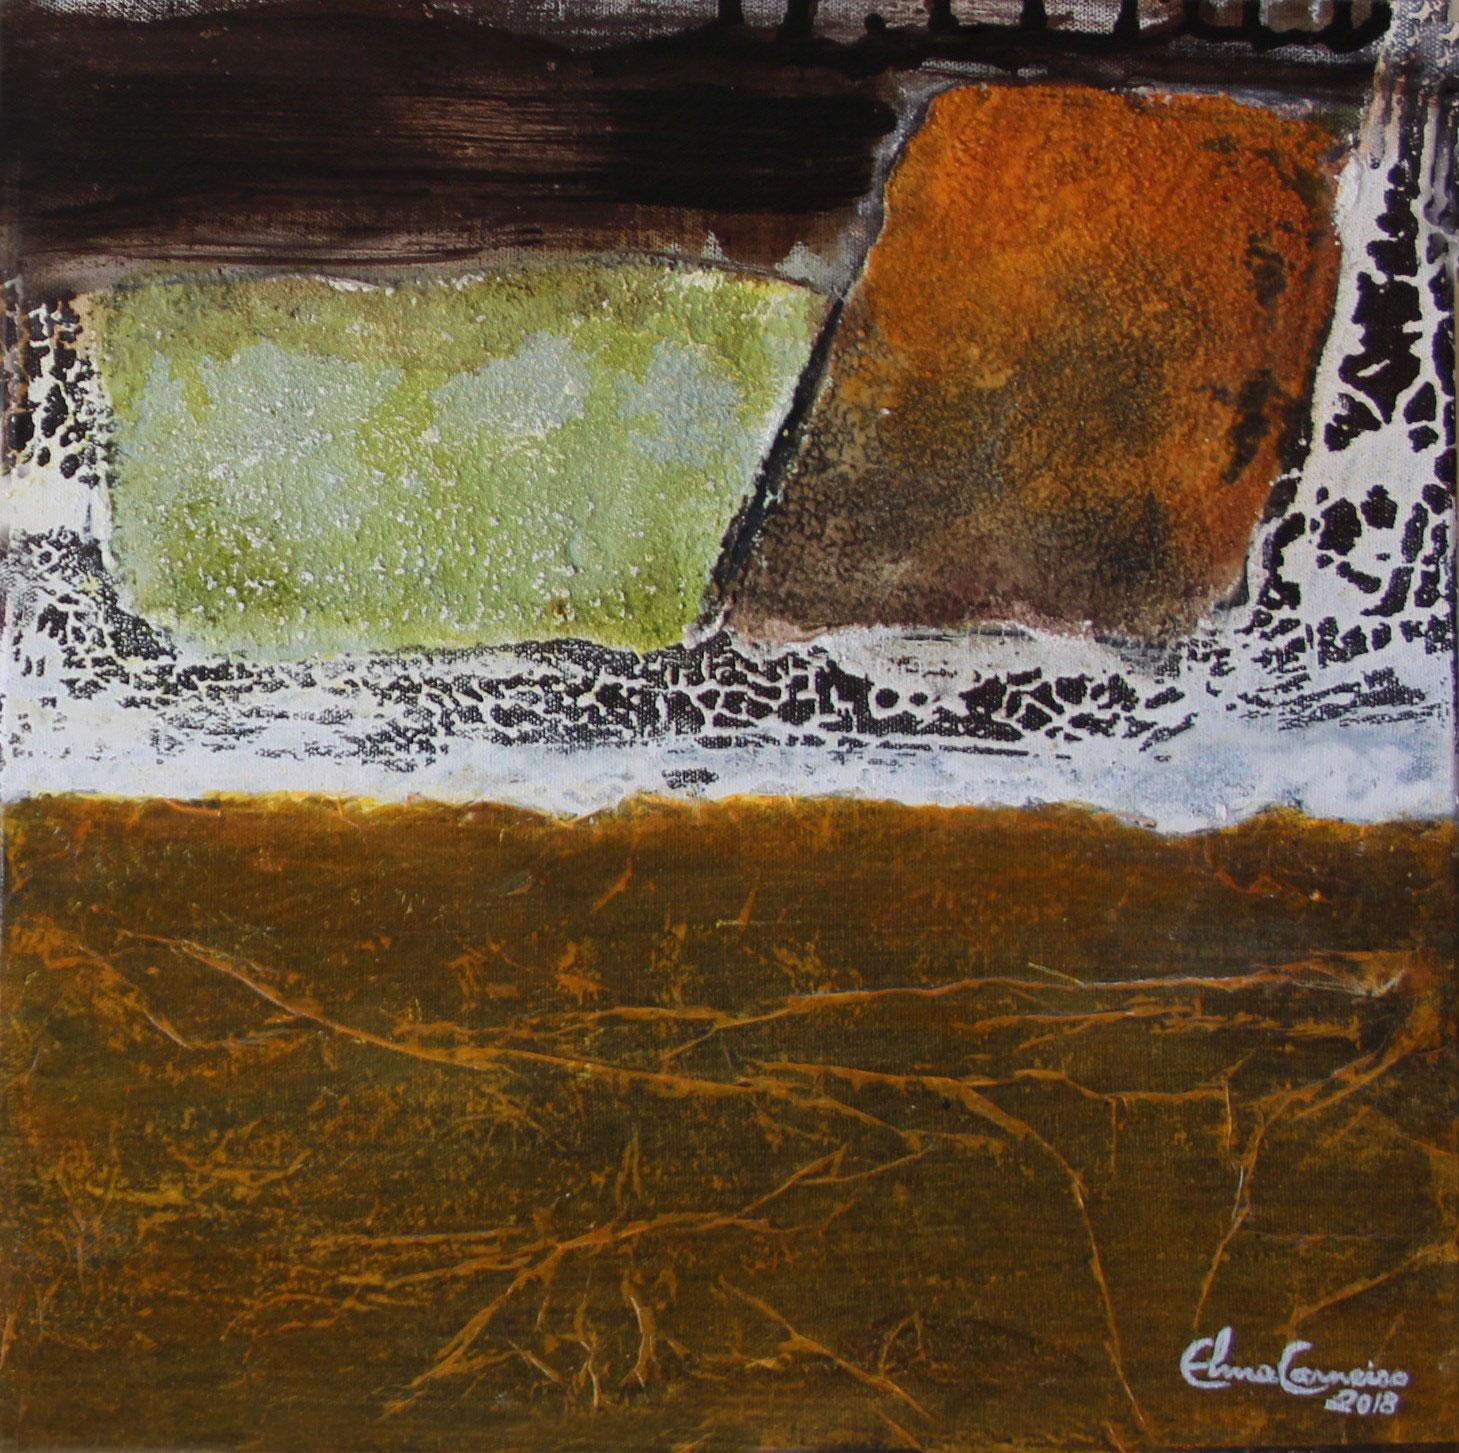 Obra com fundo de betume, texturas de pó de mármore,pigmentos.Arte abstrata de Elma Carneiro - Goiânia-GO